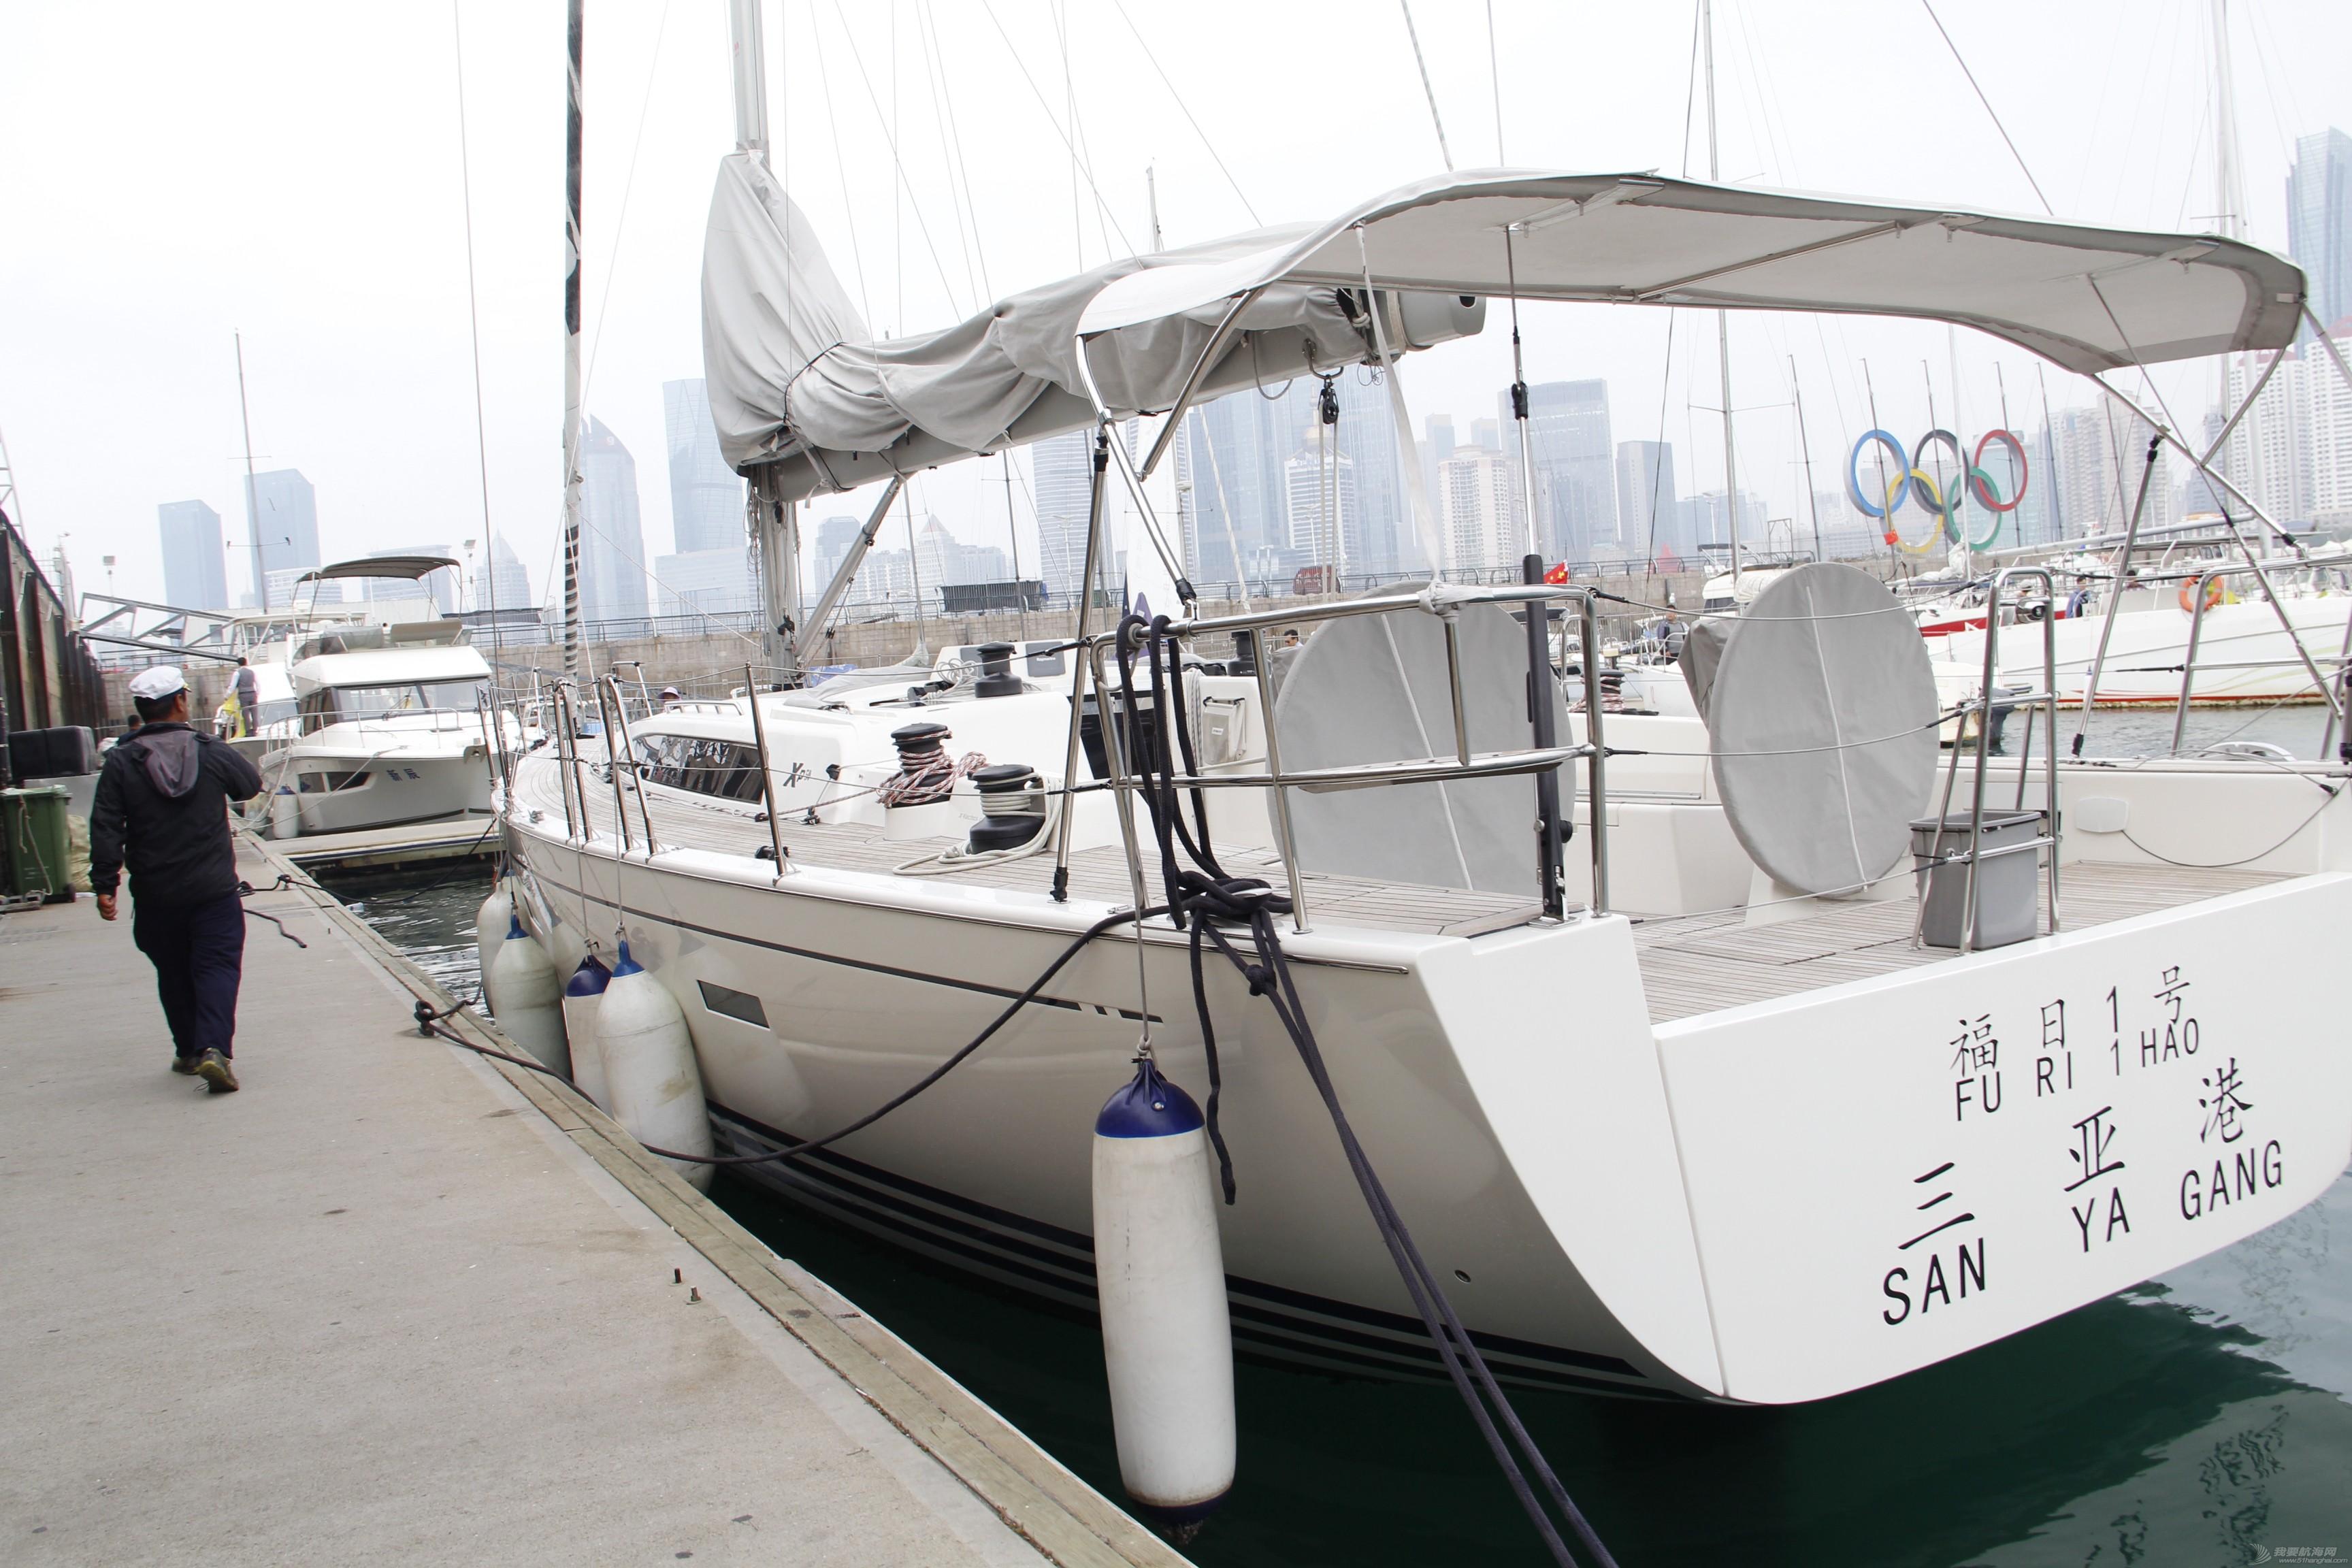 青岛,帆船 10月15日青岛看帆船 _MG_9812.JPG